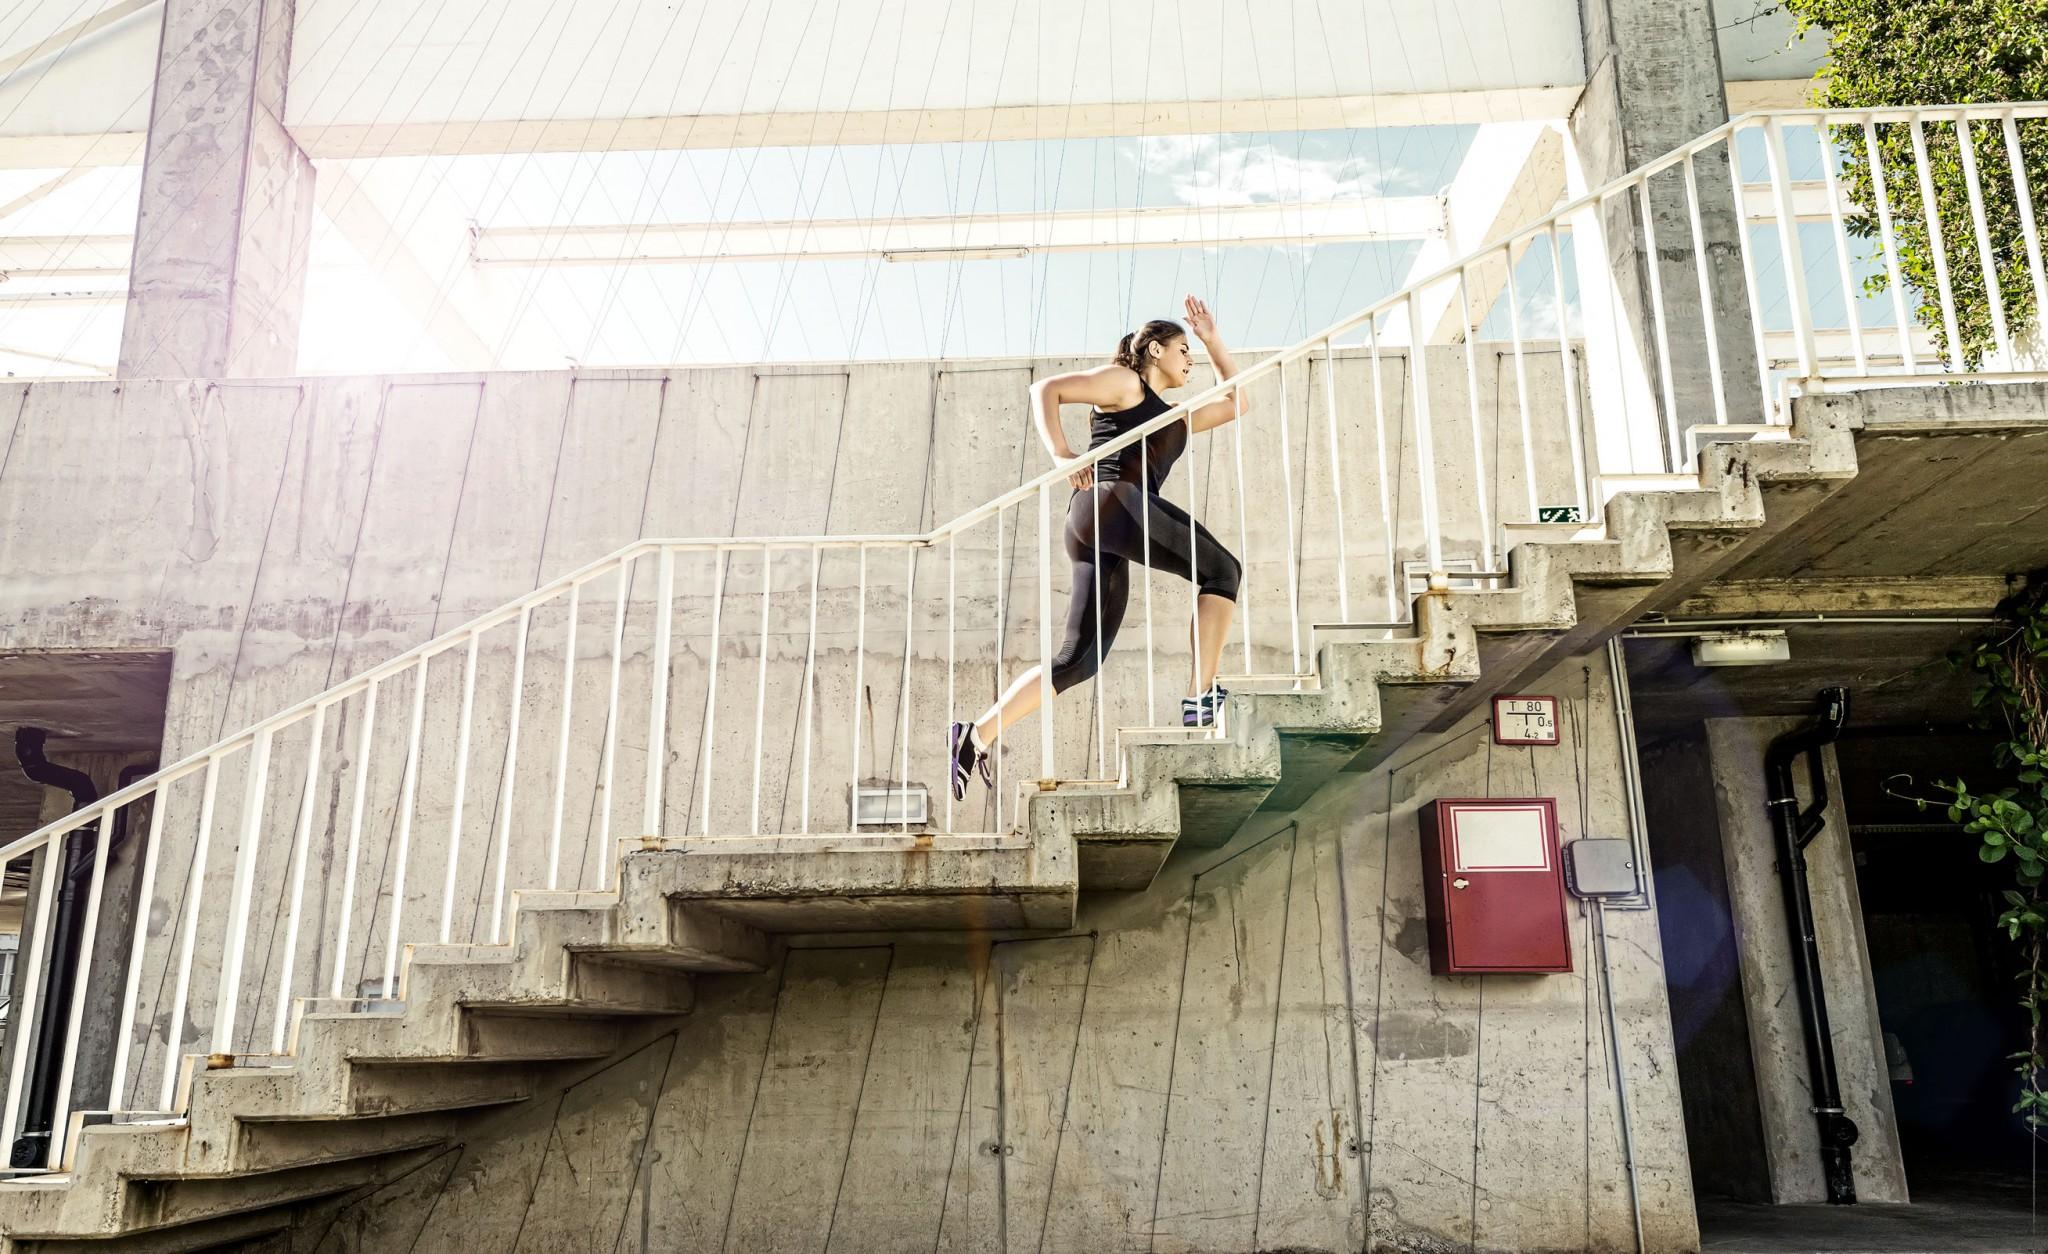 stairs running urban woman